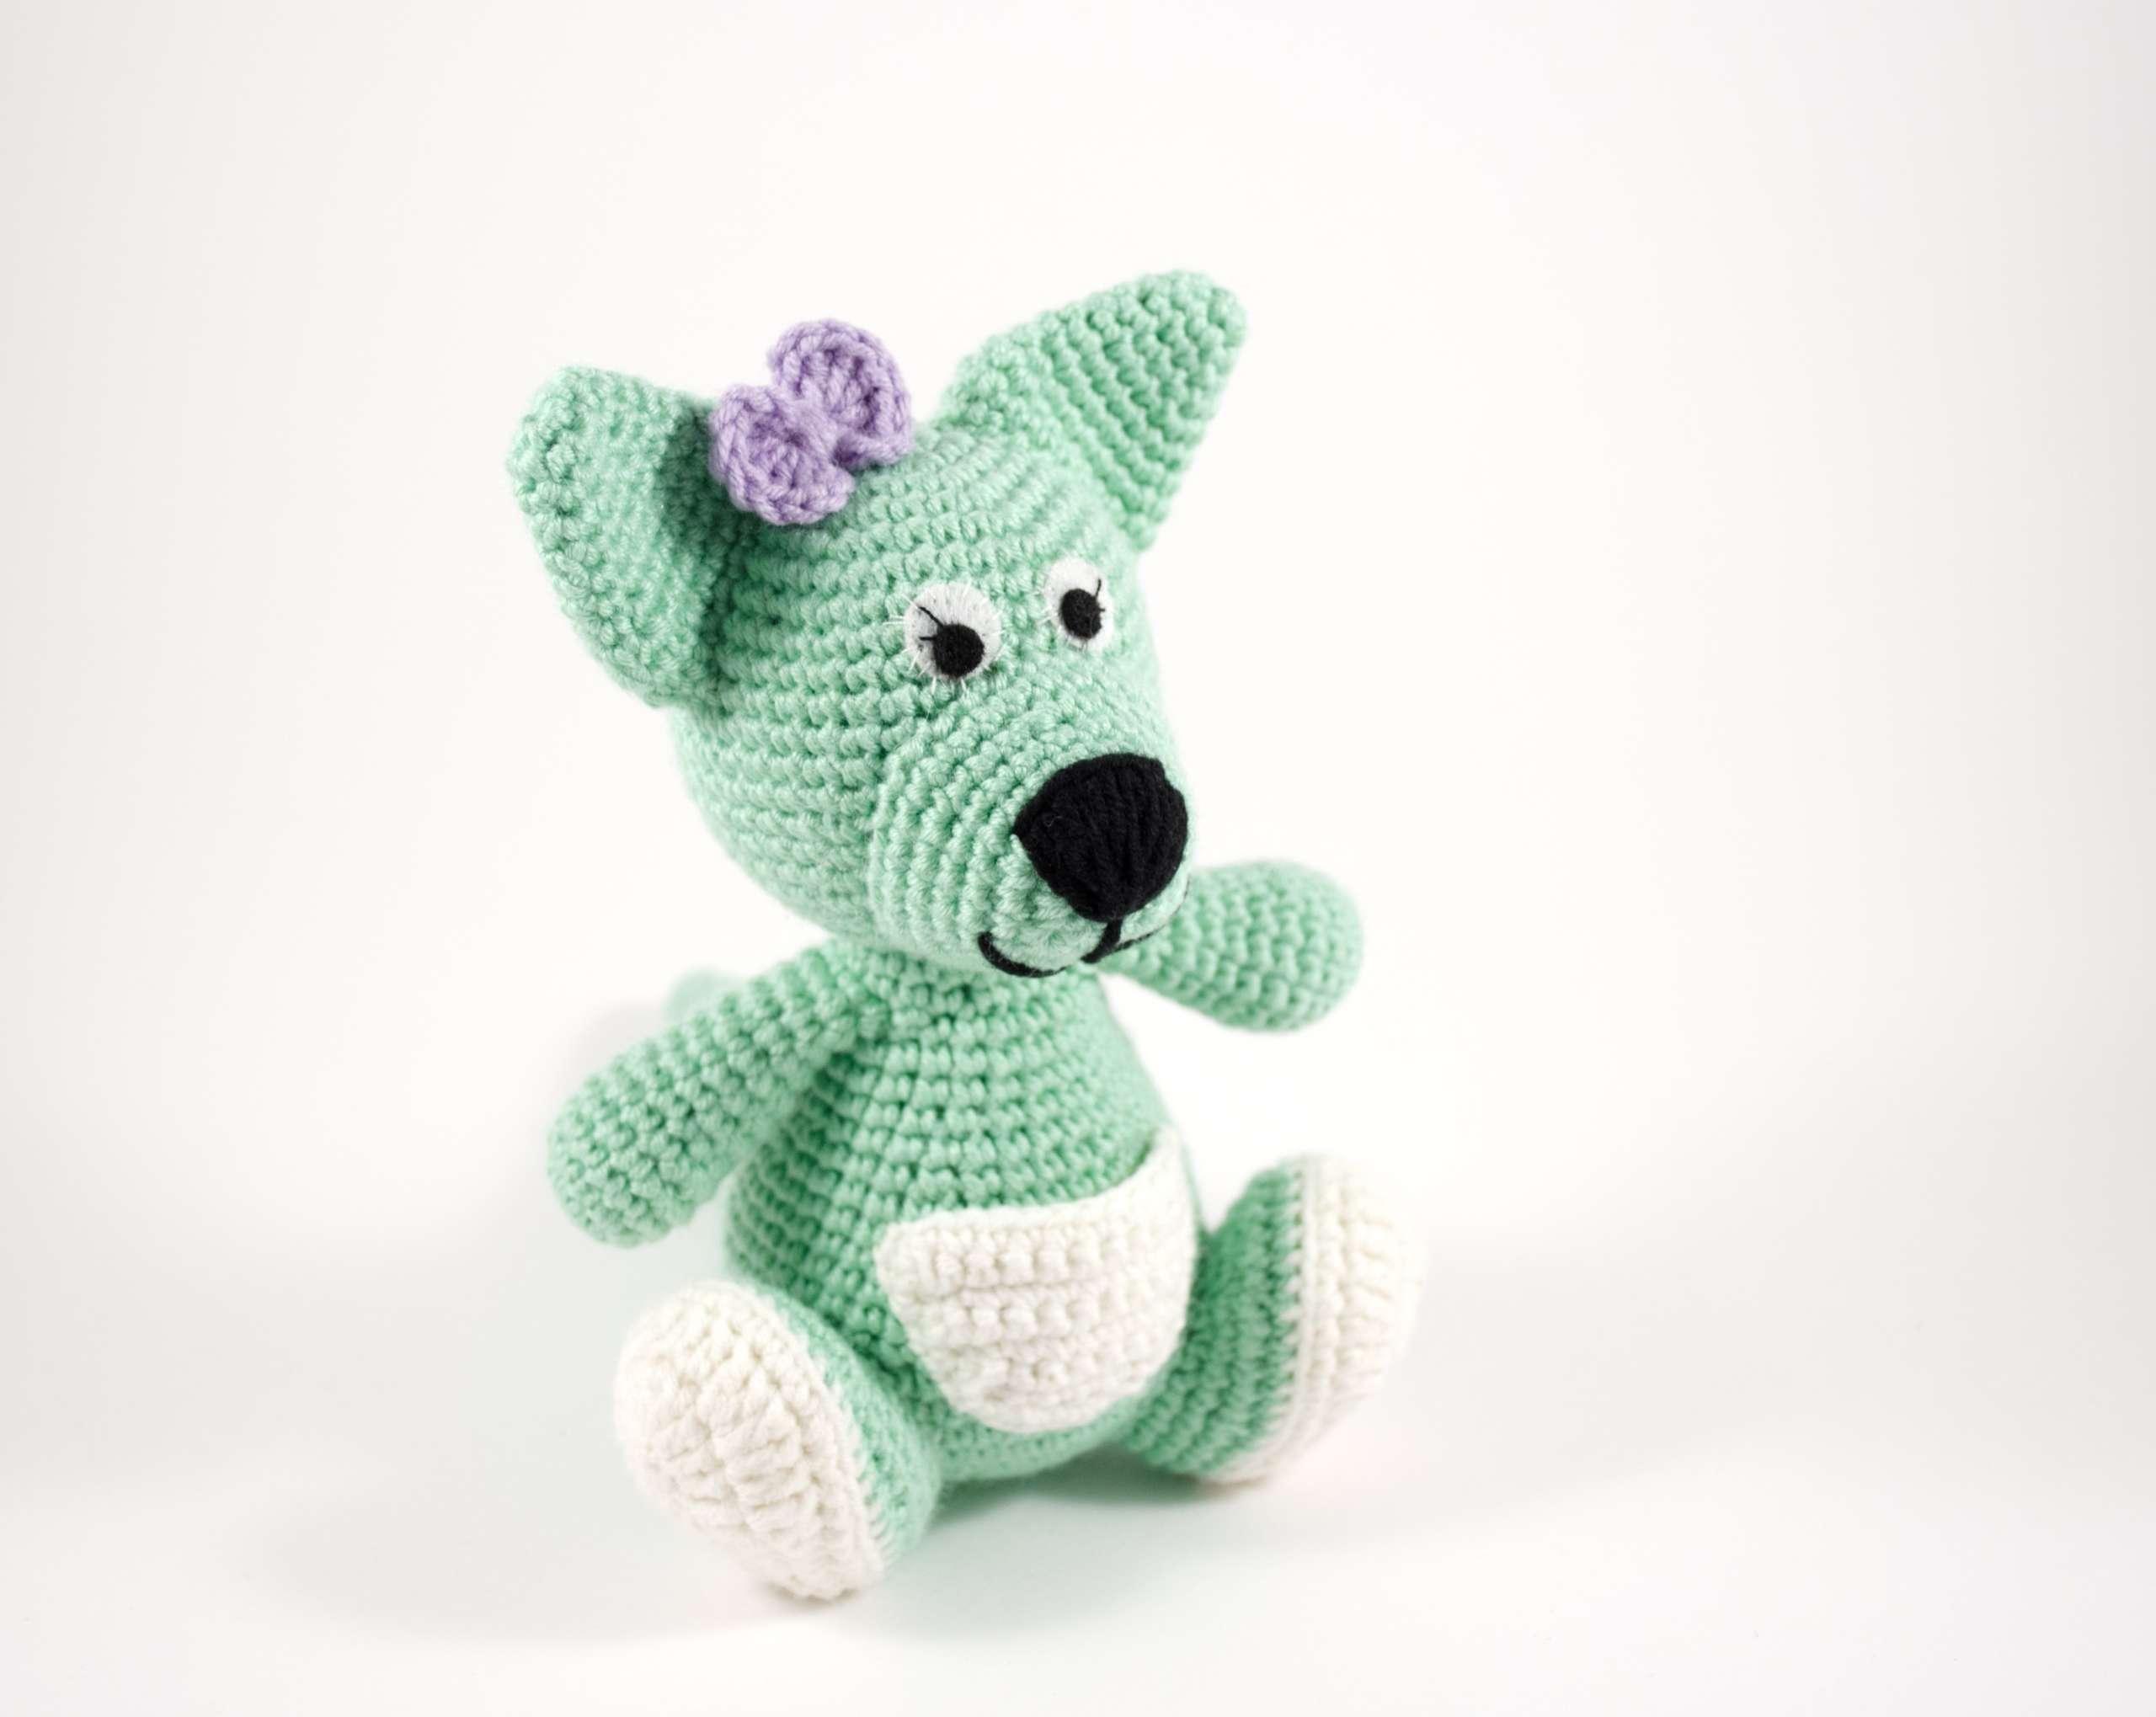 crochet baby kangaroo front view